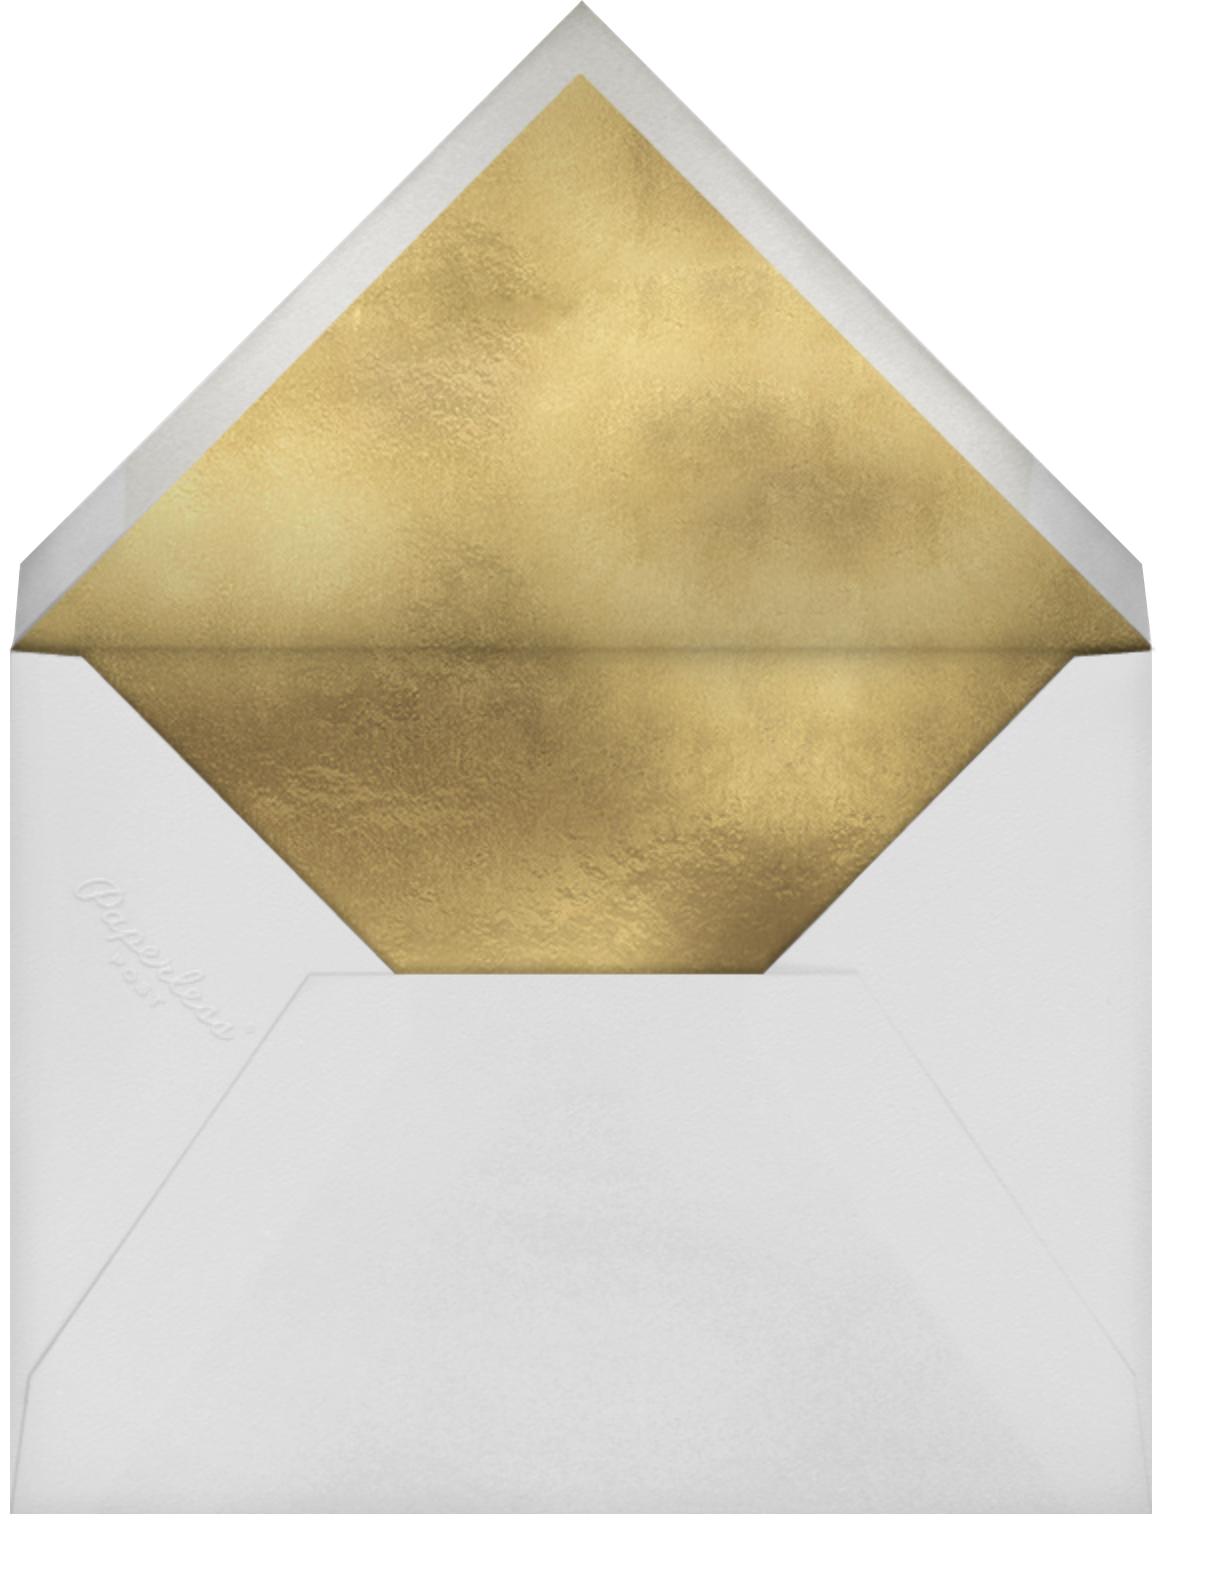 Flemish Tapestry - Oscar de la Renta - General entertaining - envelope back